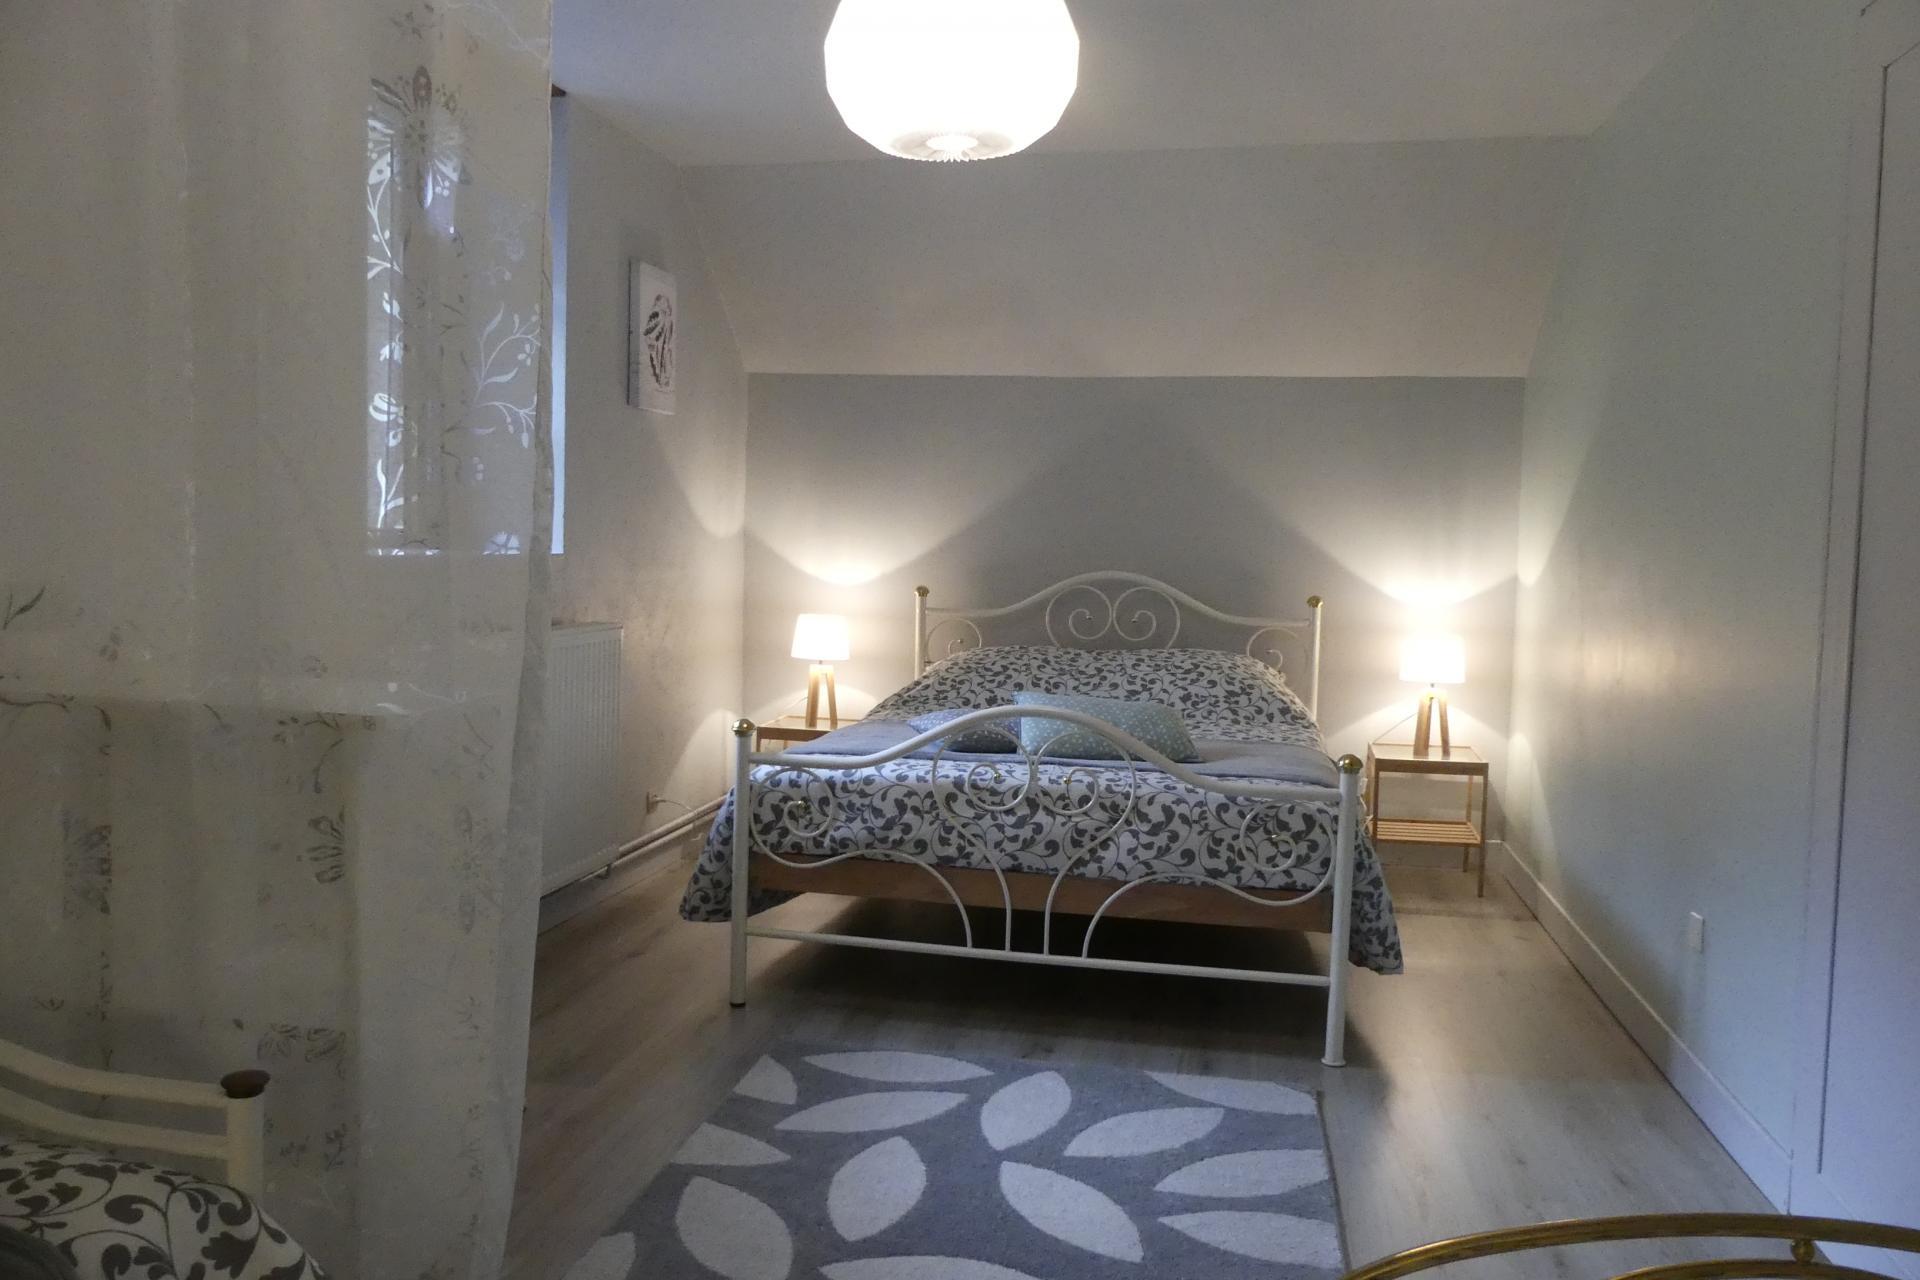 Aperçu de l'espace lit double de la grande chambre